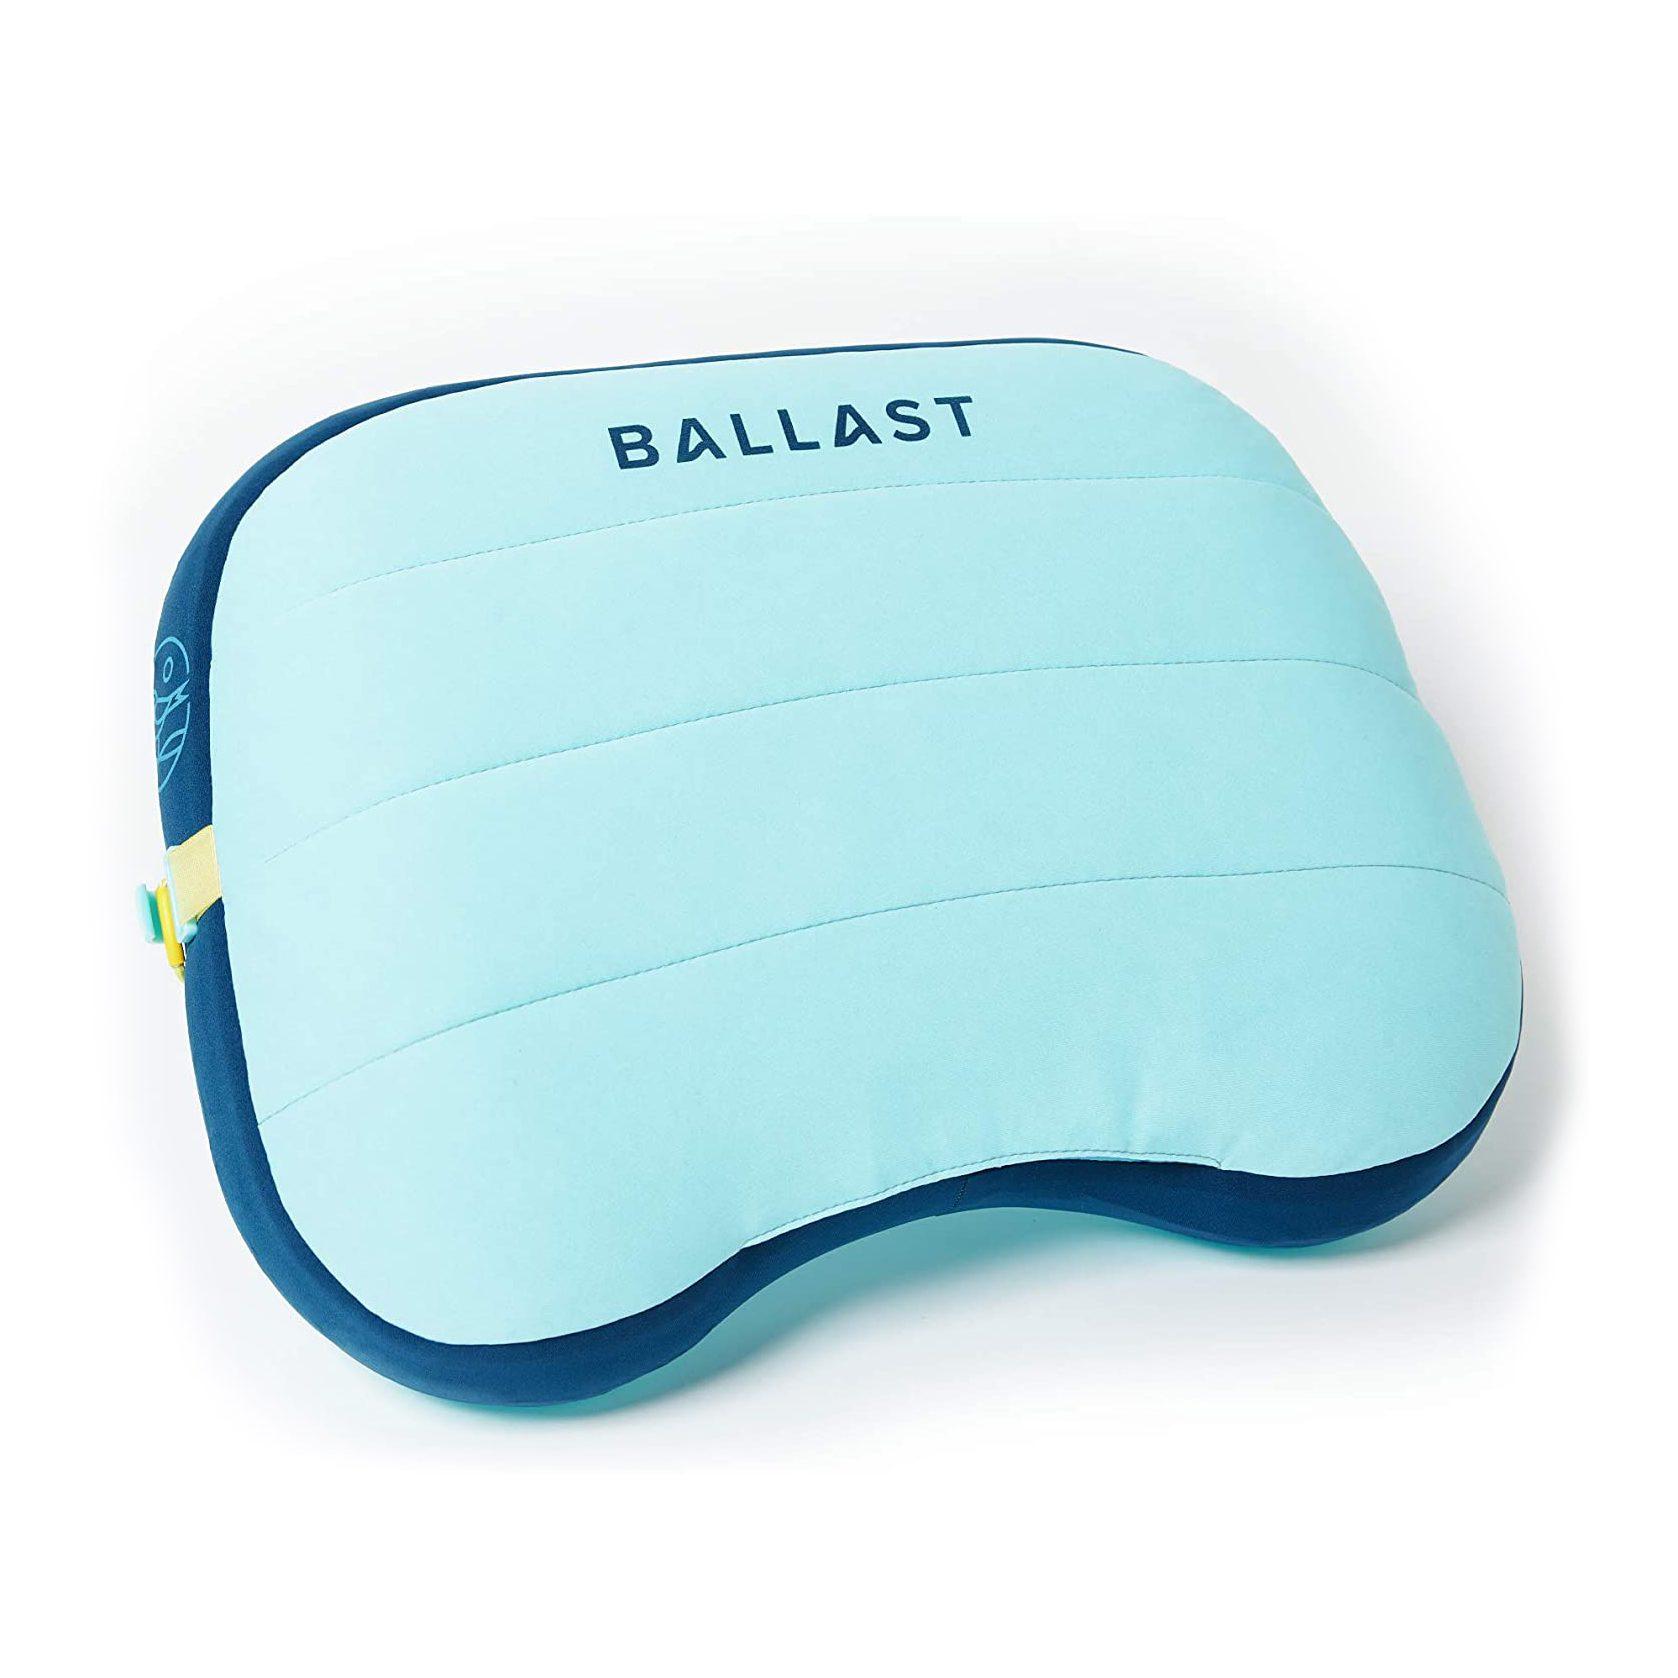 Ballast Beach Pillow